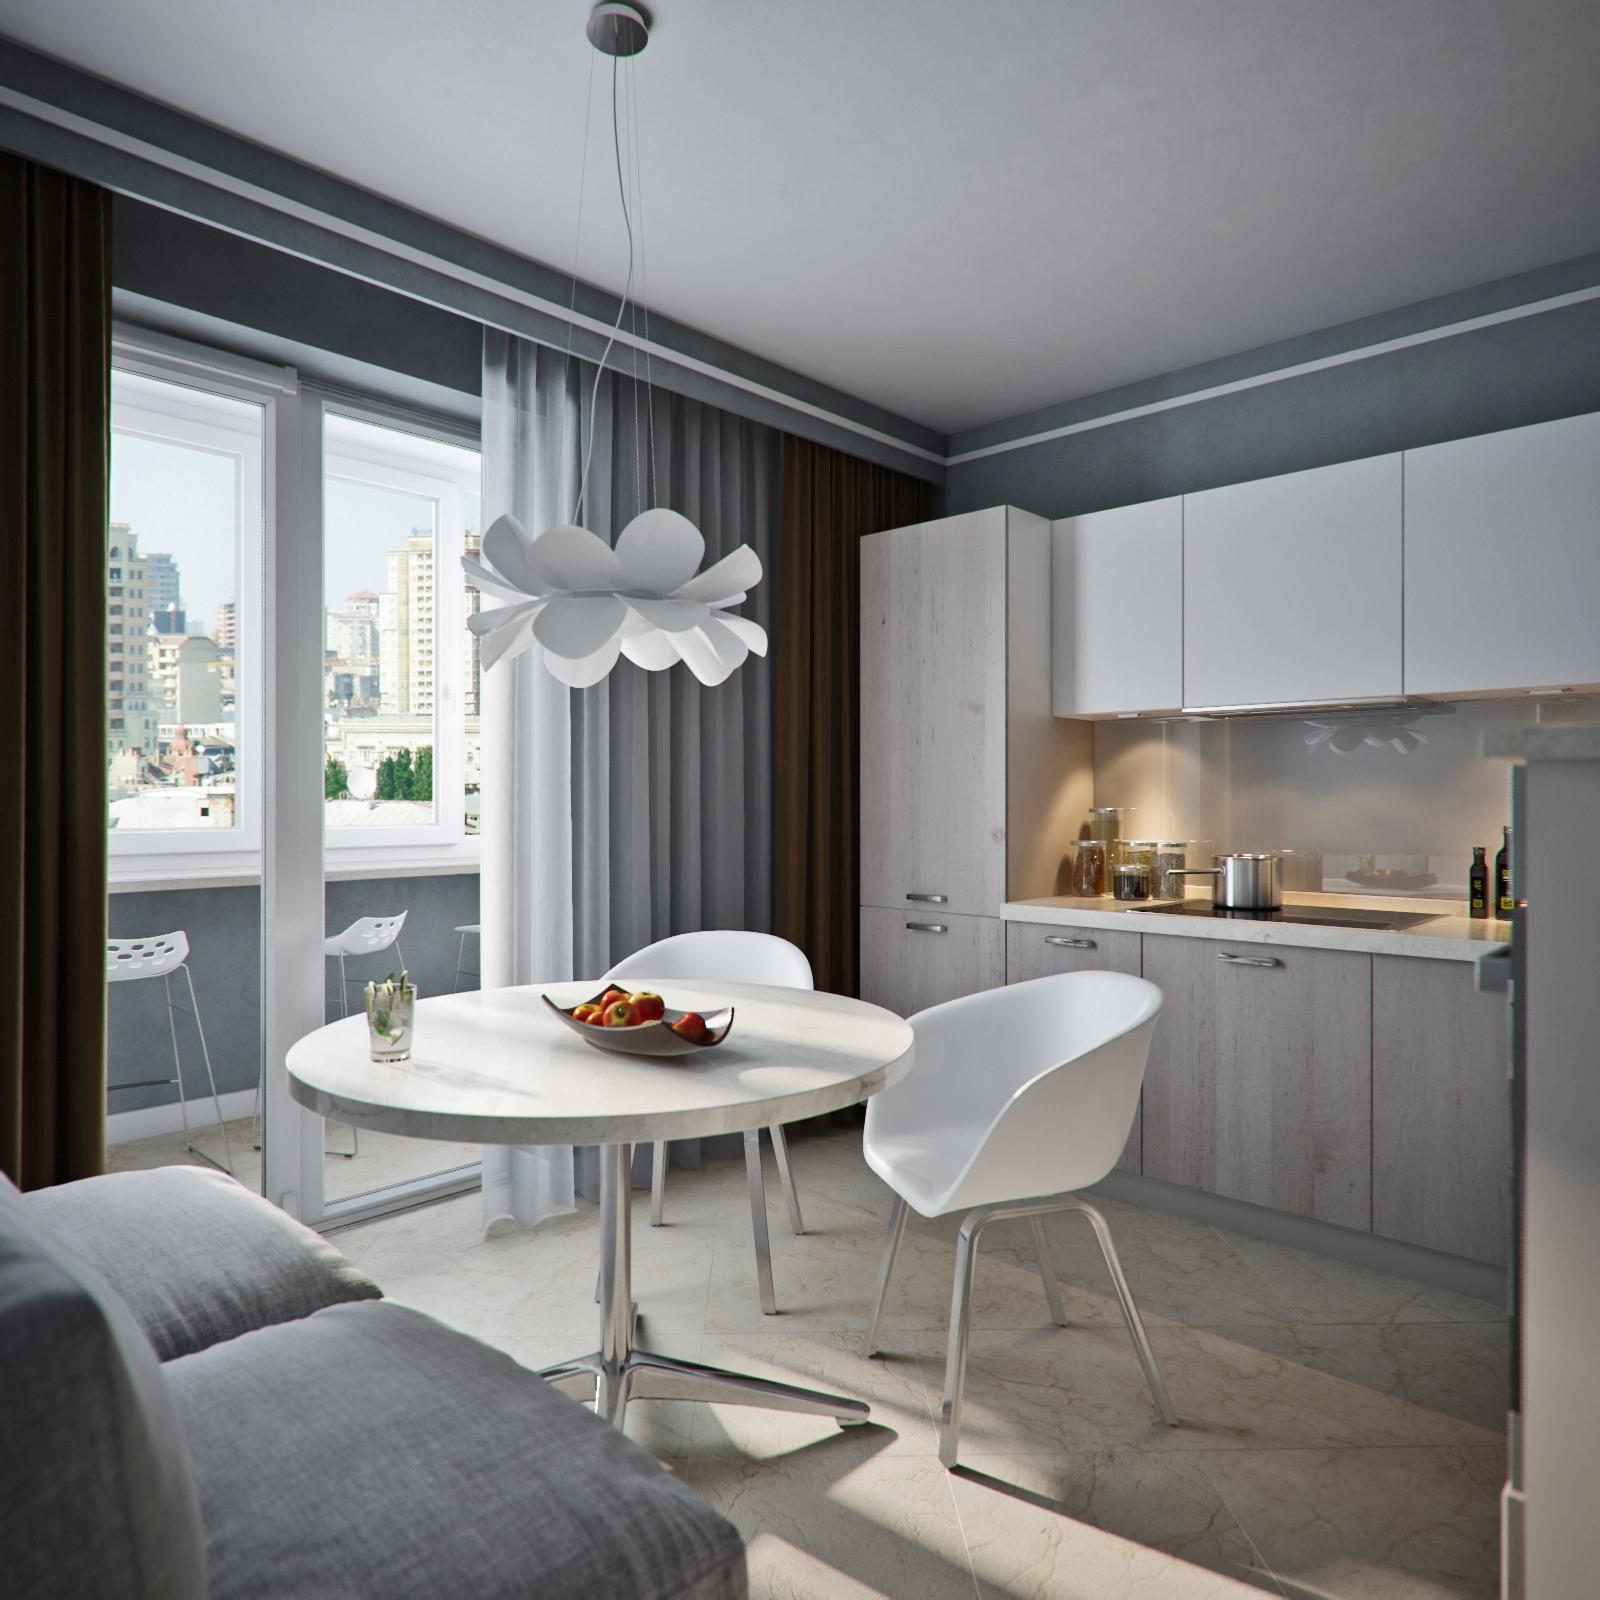 Серо-белая кухня с балконом